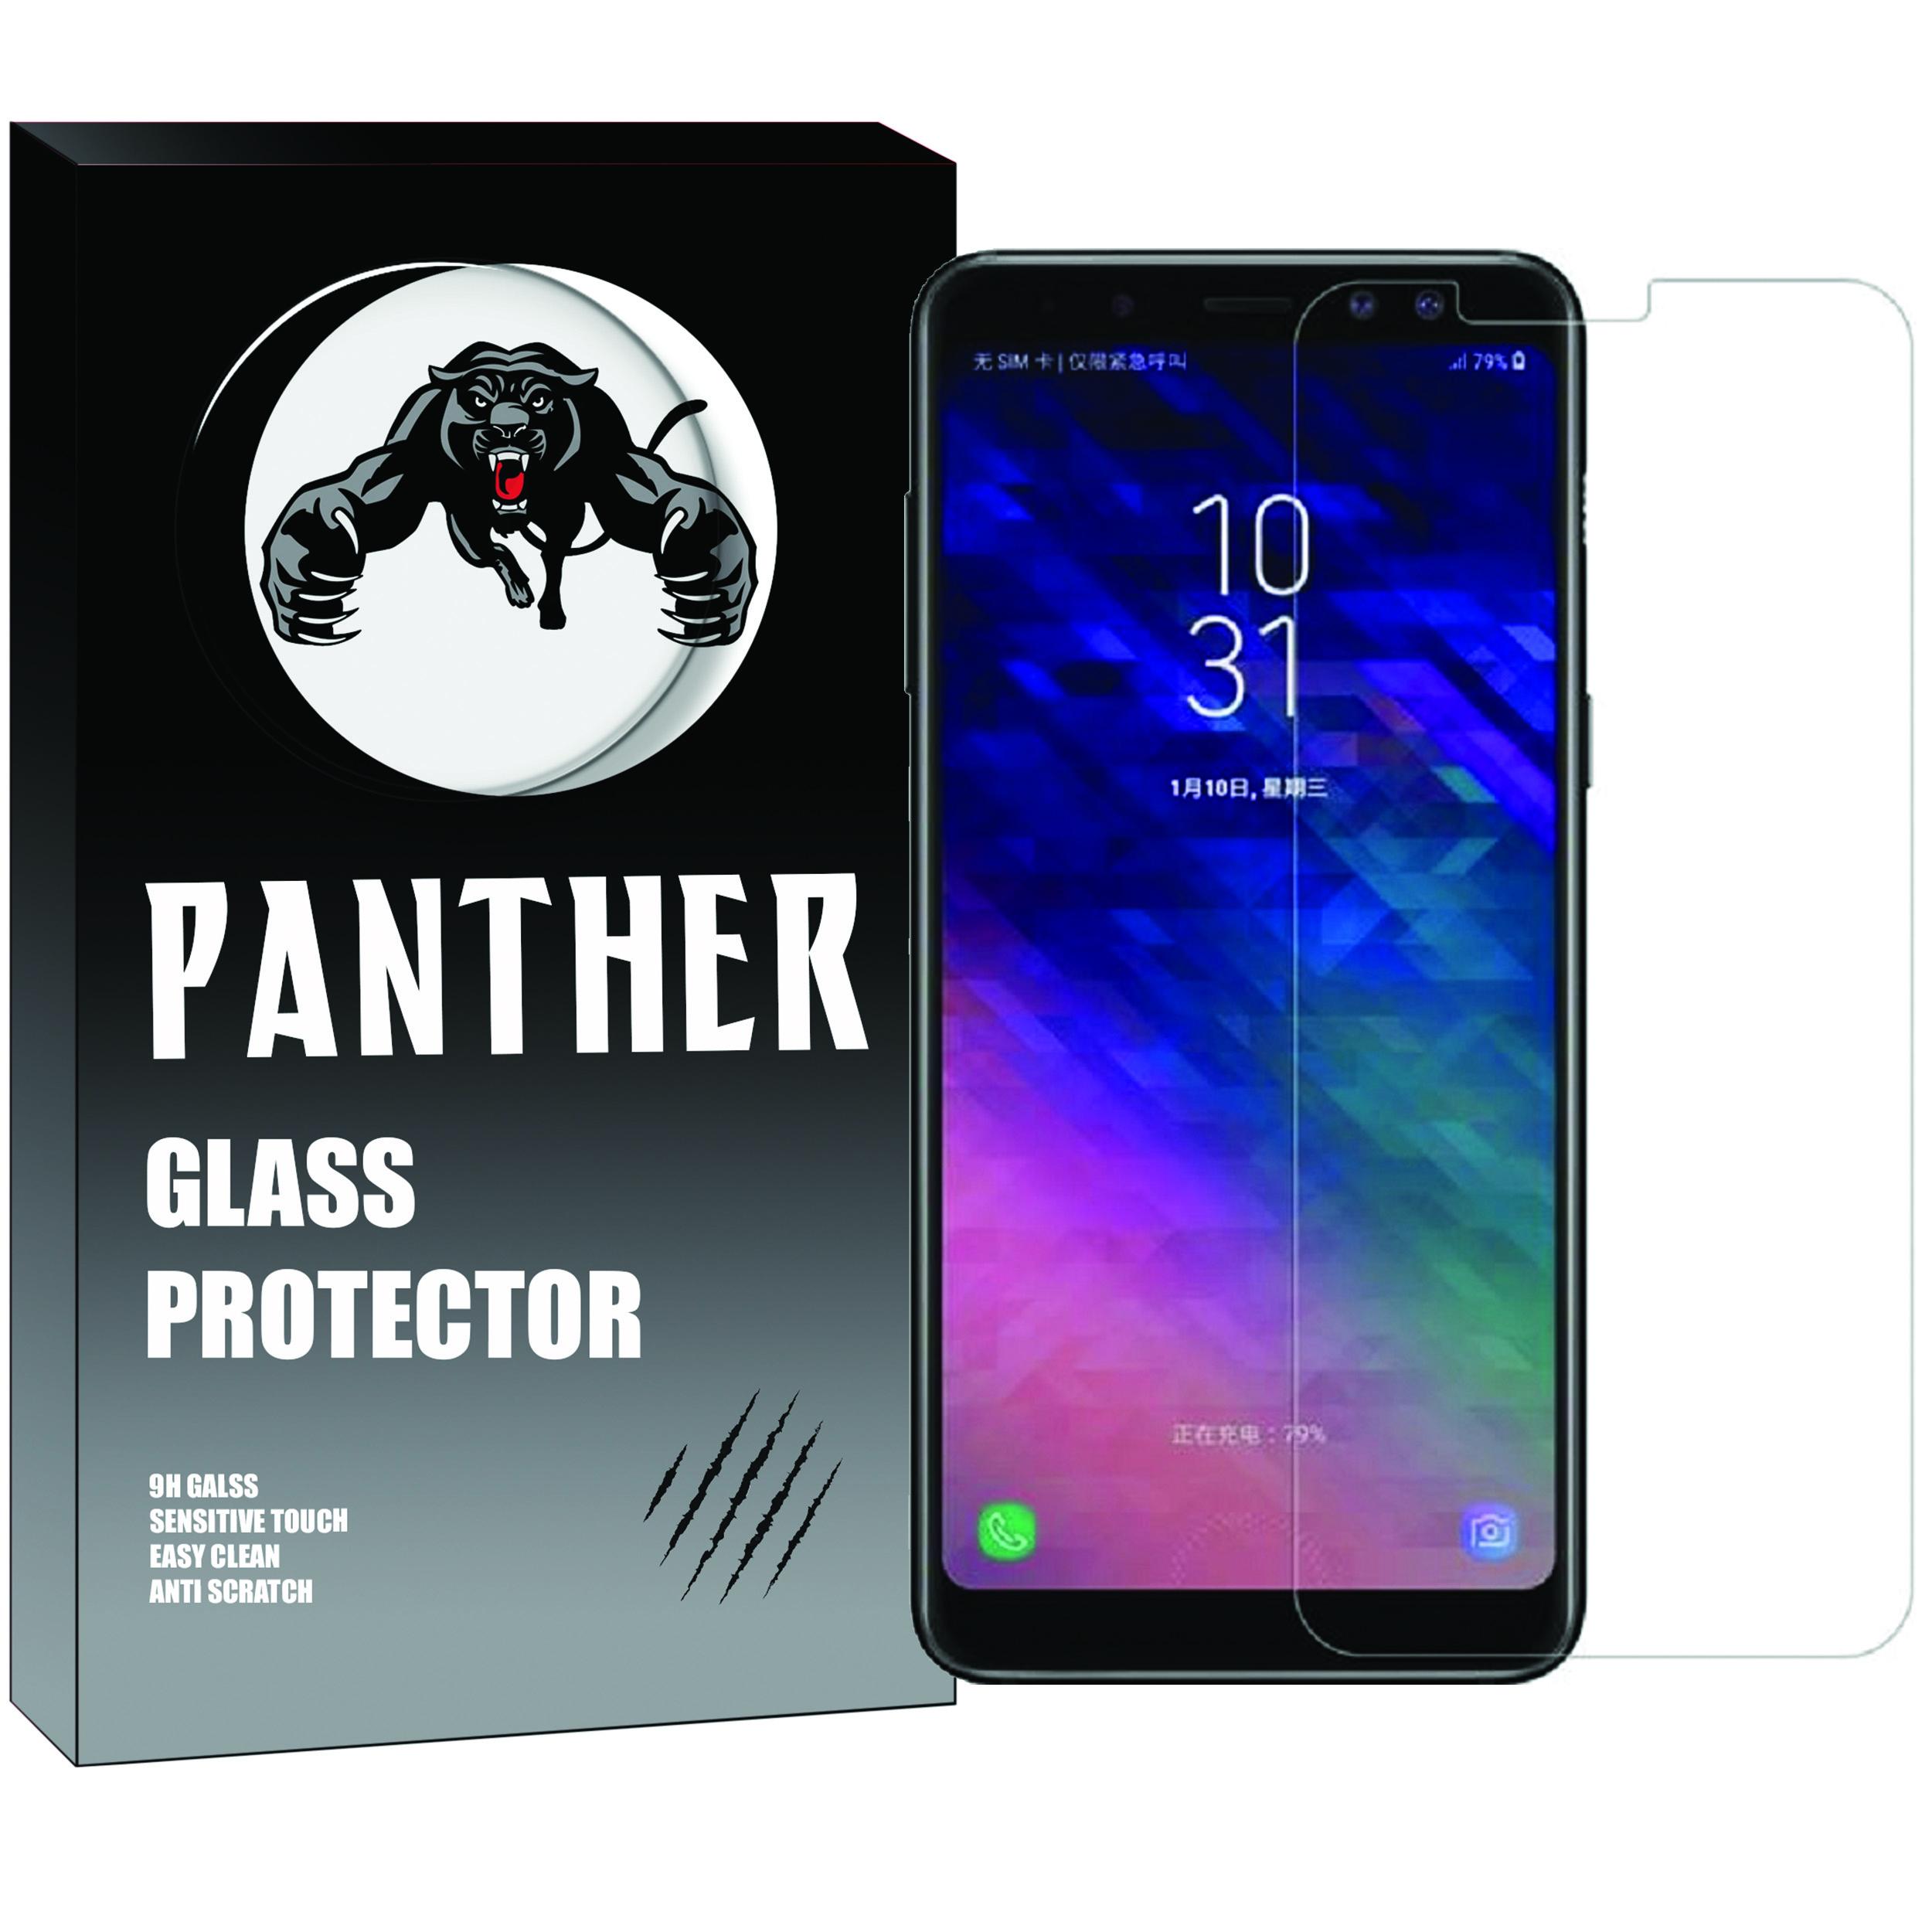 محافظ صفحه نمایش پنتر مدل TMP-004 مناسب برای گوشی موبایل سامسونگ Galaxy A9 2018